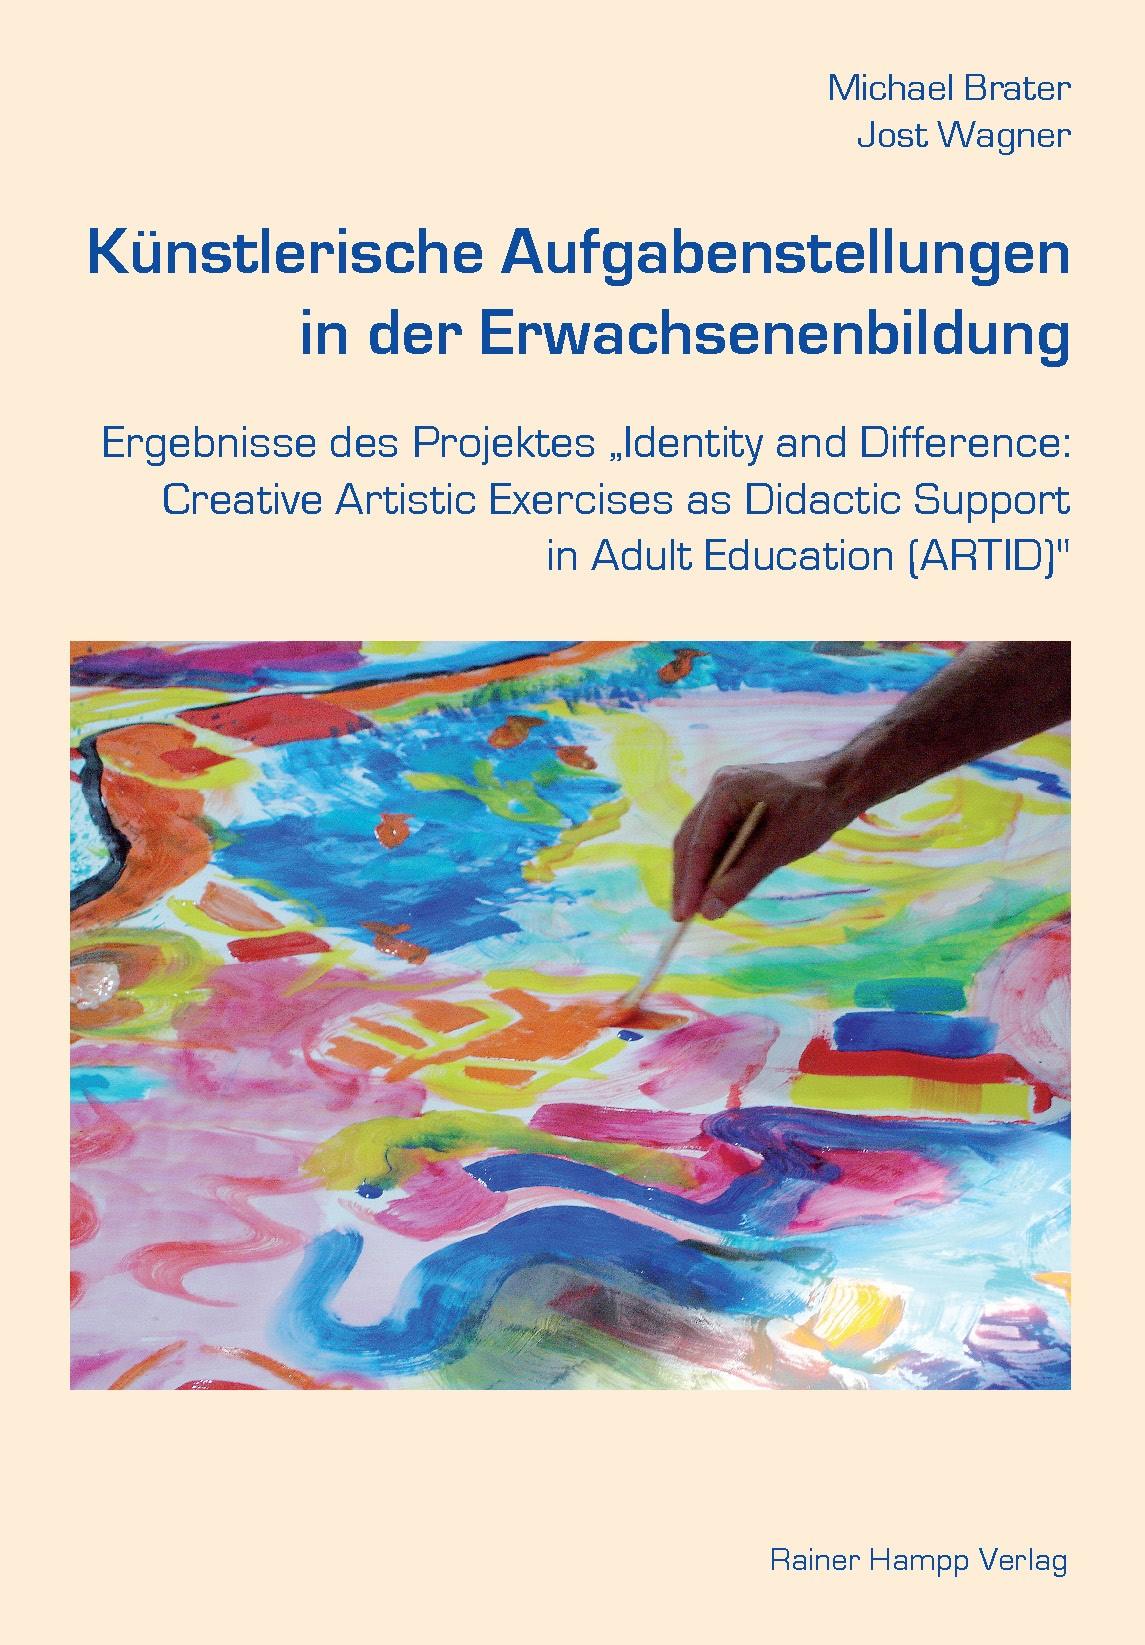 Künstlerische Aufgabenstellungen in der Erwachsenenbildung | Brater, 2011 | Buch (Cover)